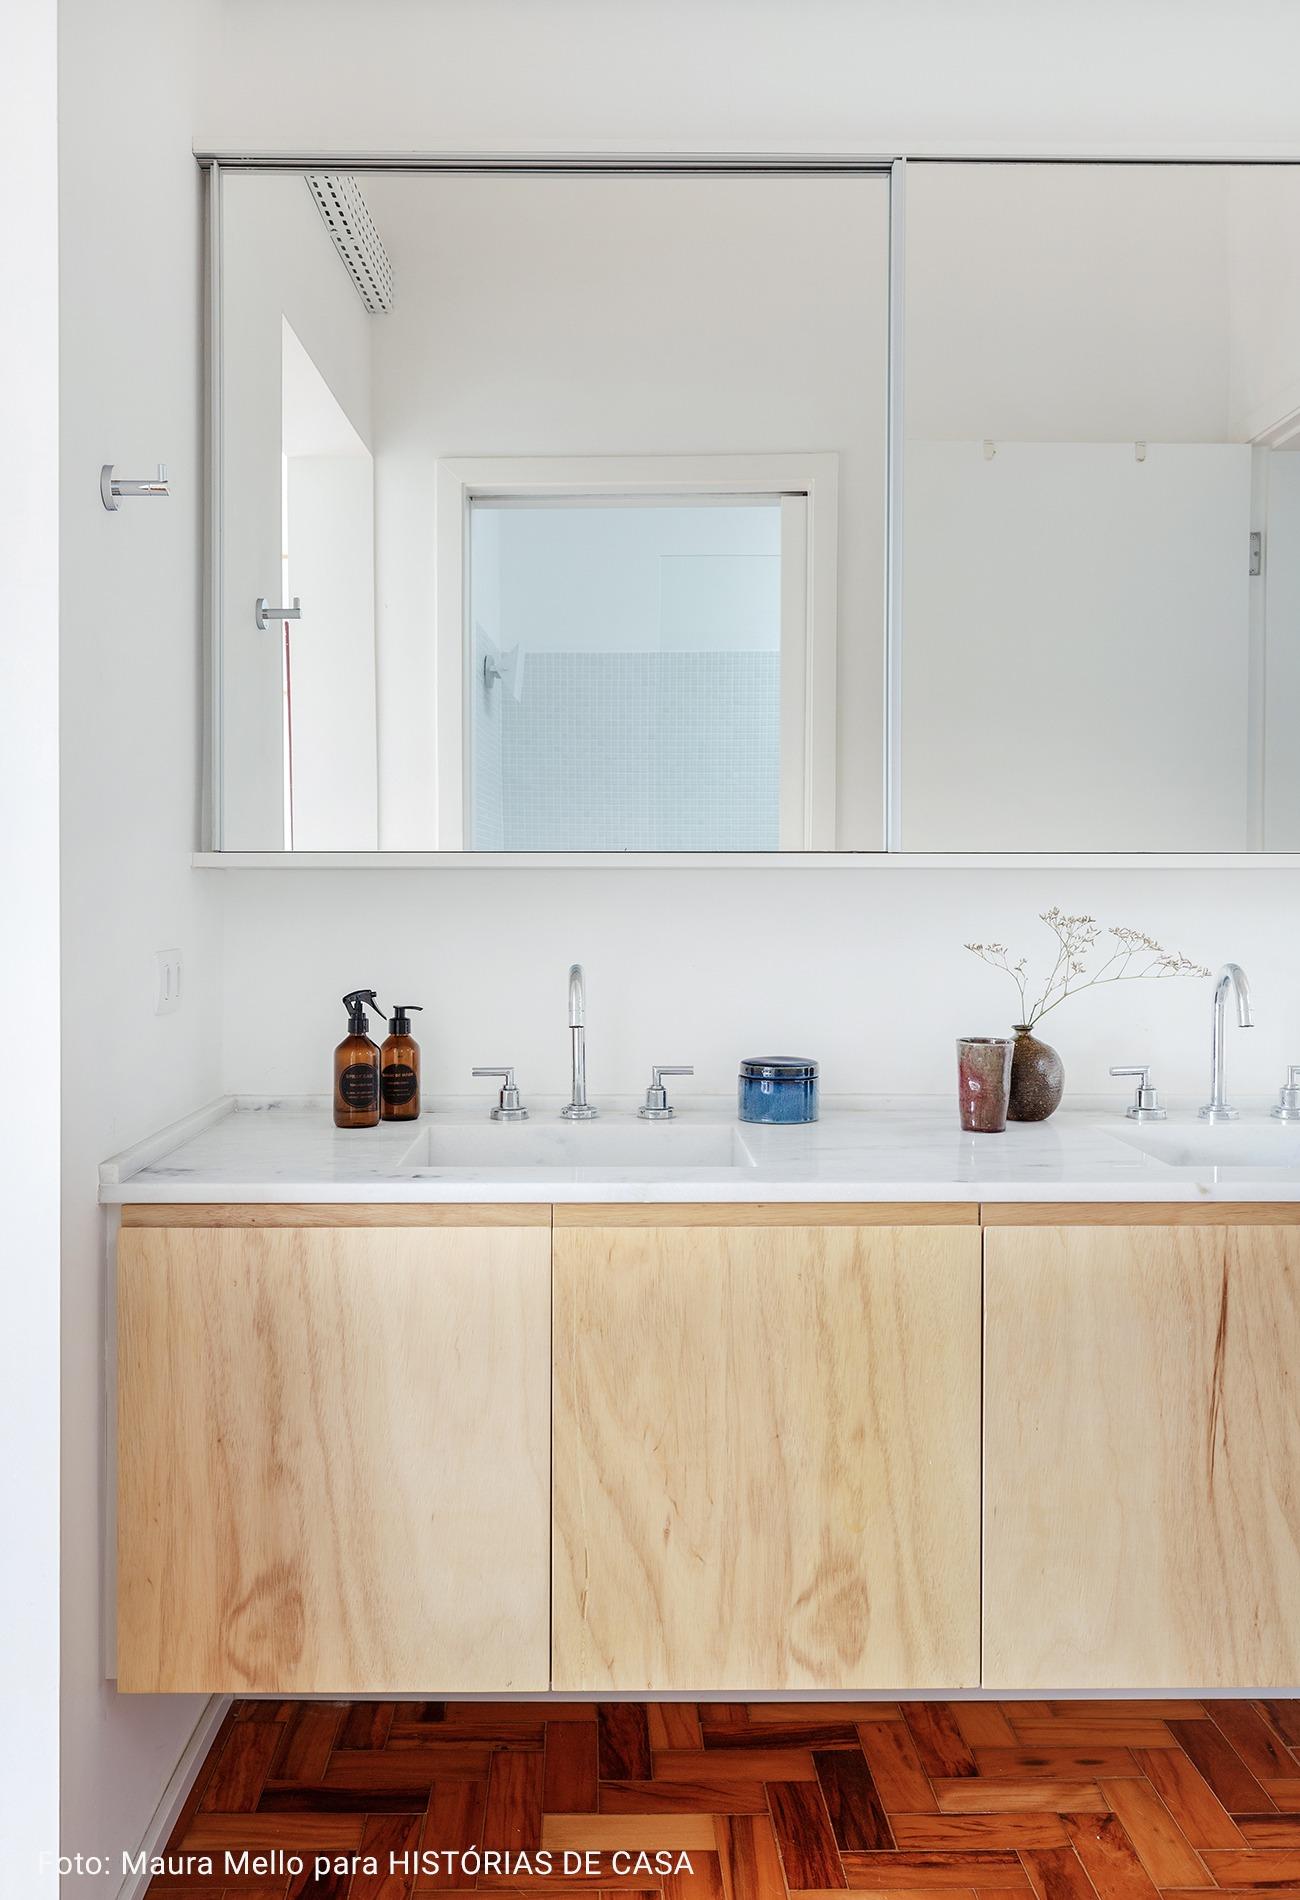 banheiro ocm armário de demolição